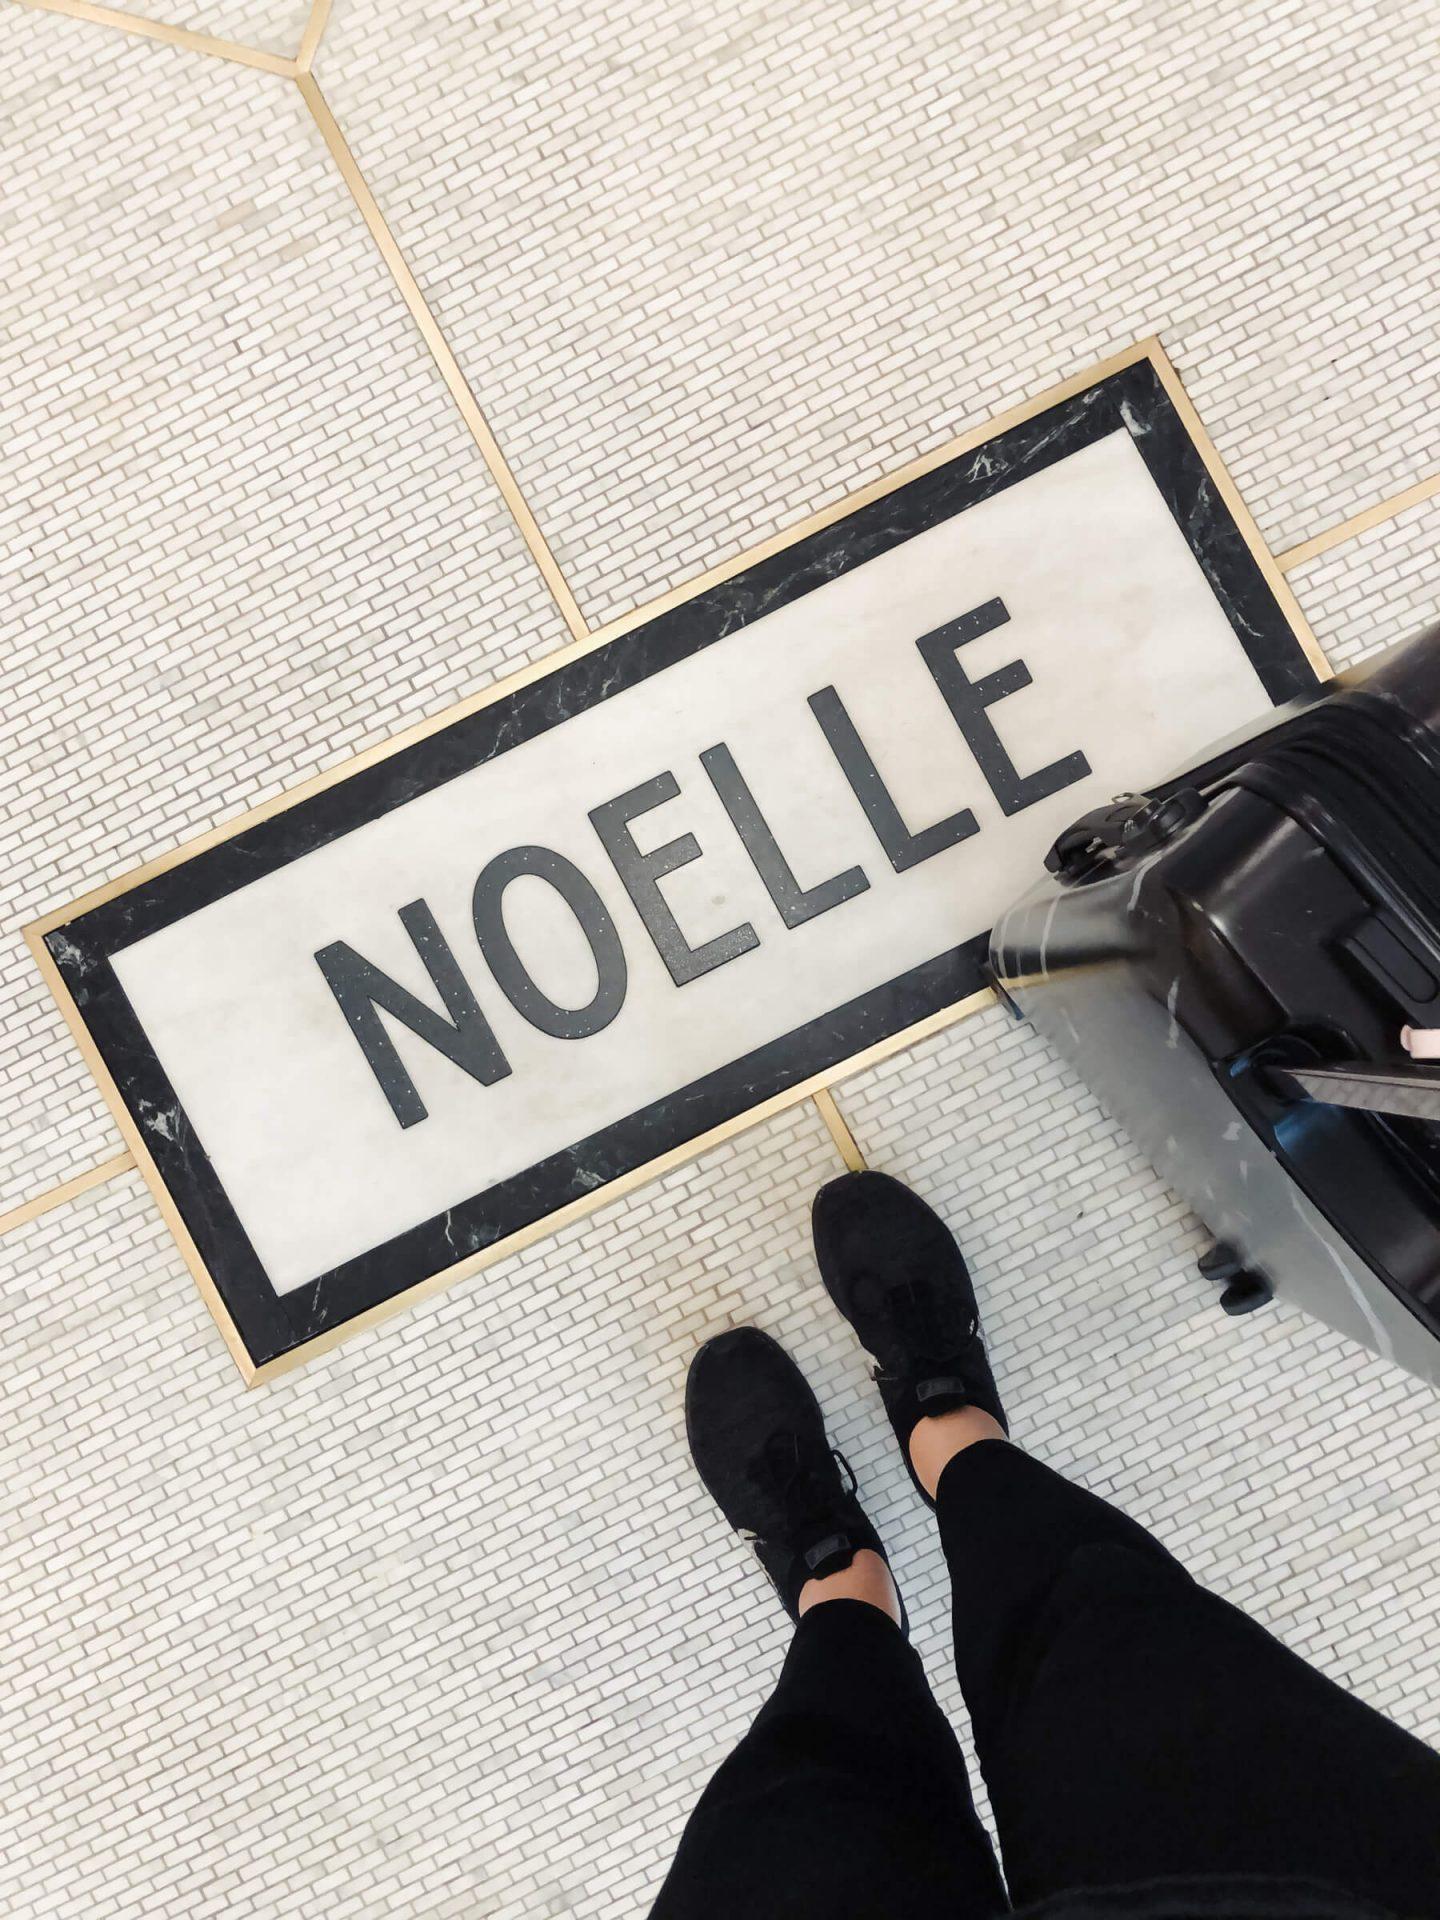 Sababok Nashville Noelle Hotel 2 1440x1920